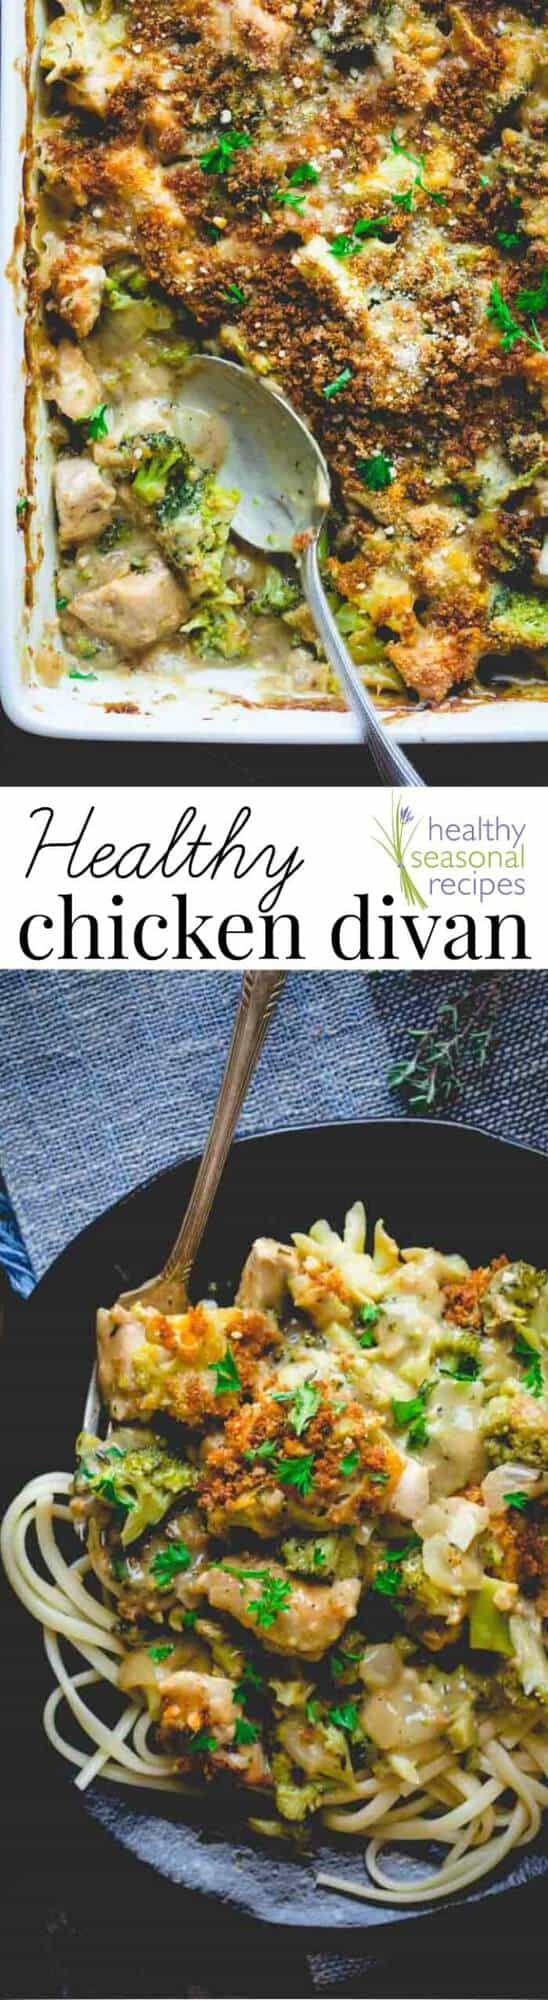 Healthy chicken divan healthy seasonal recipes pin31k forumfinder Choice Image